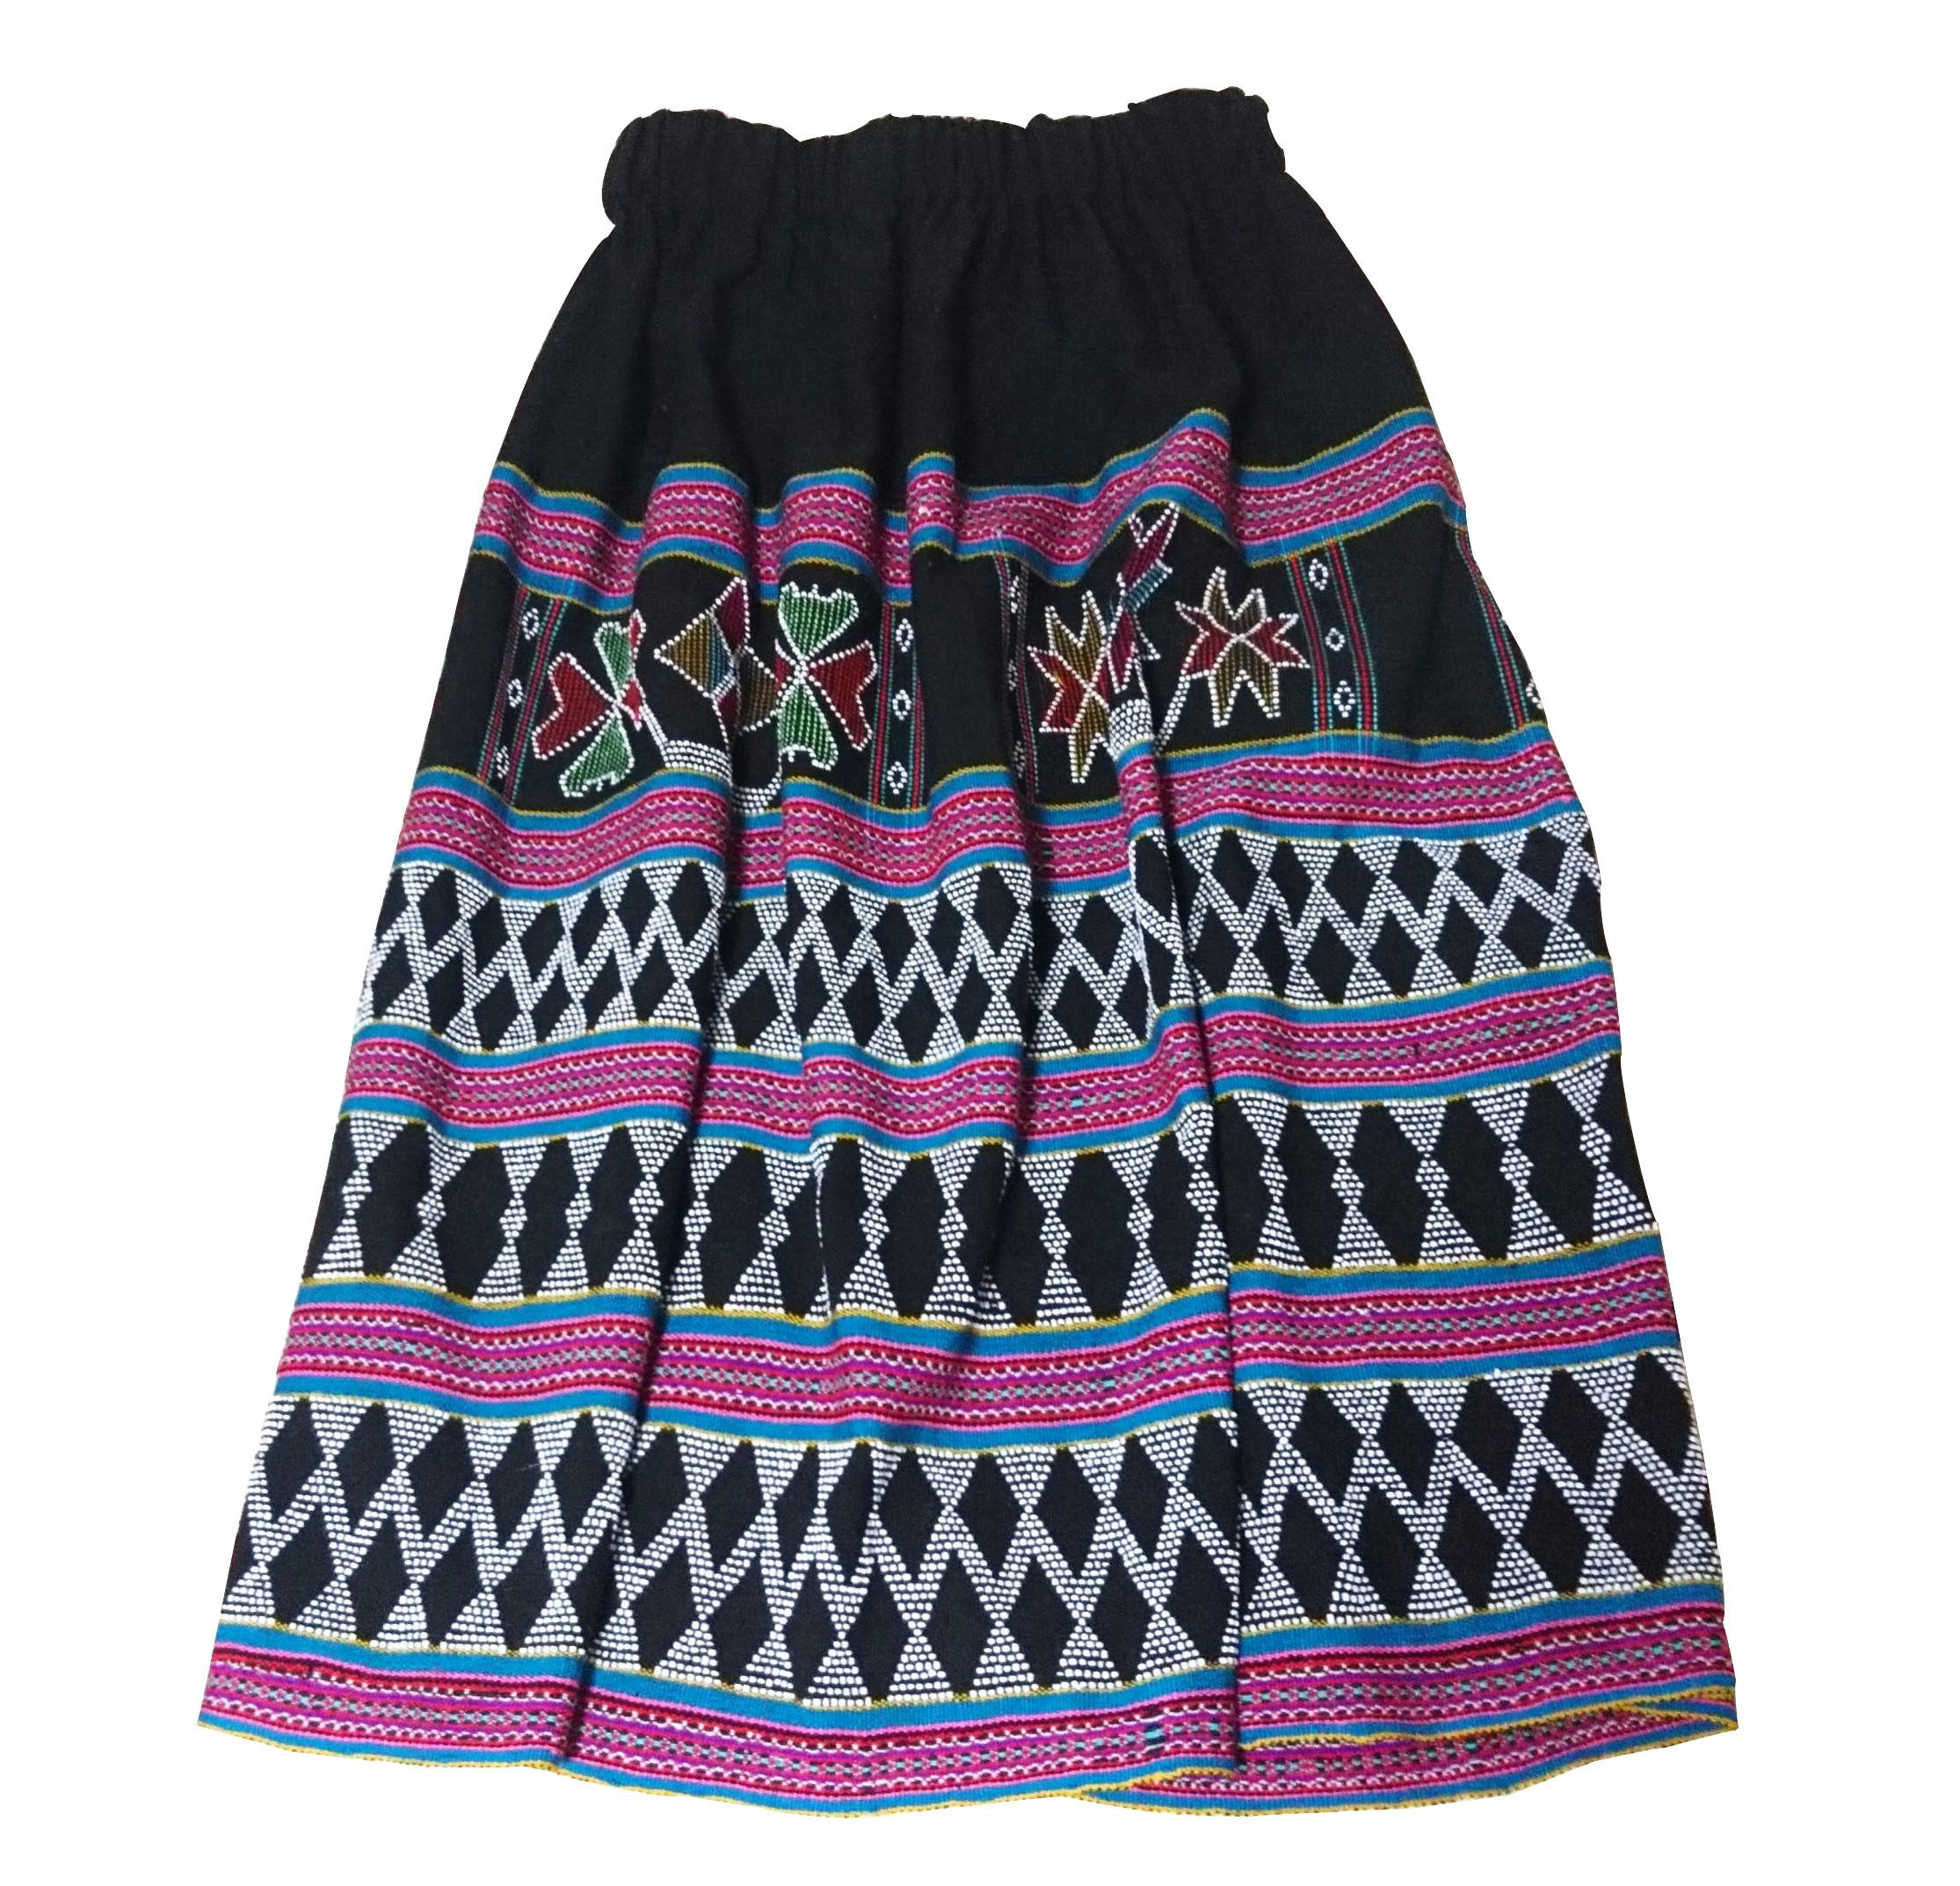 ターオイ族ビーズ入り手織りブロケード スカート(パープル・ブルーライン)(フリーサイズ)